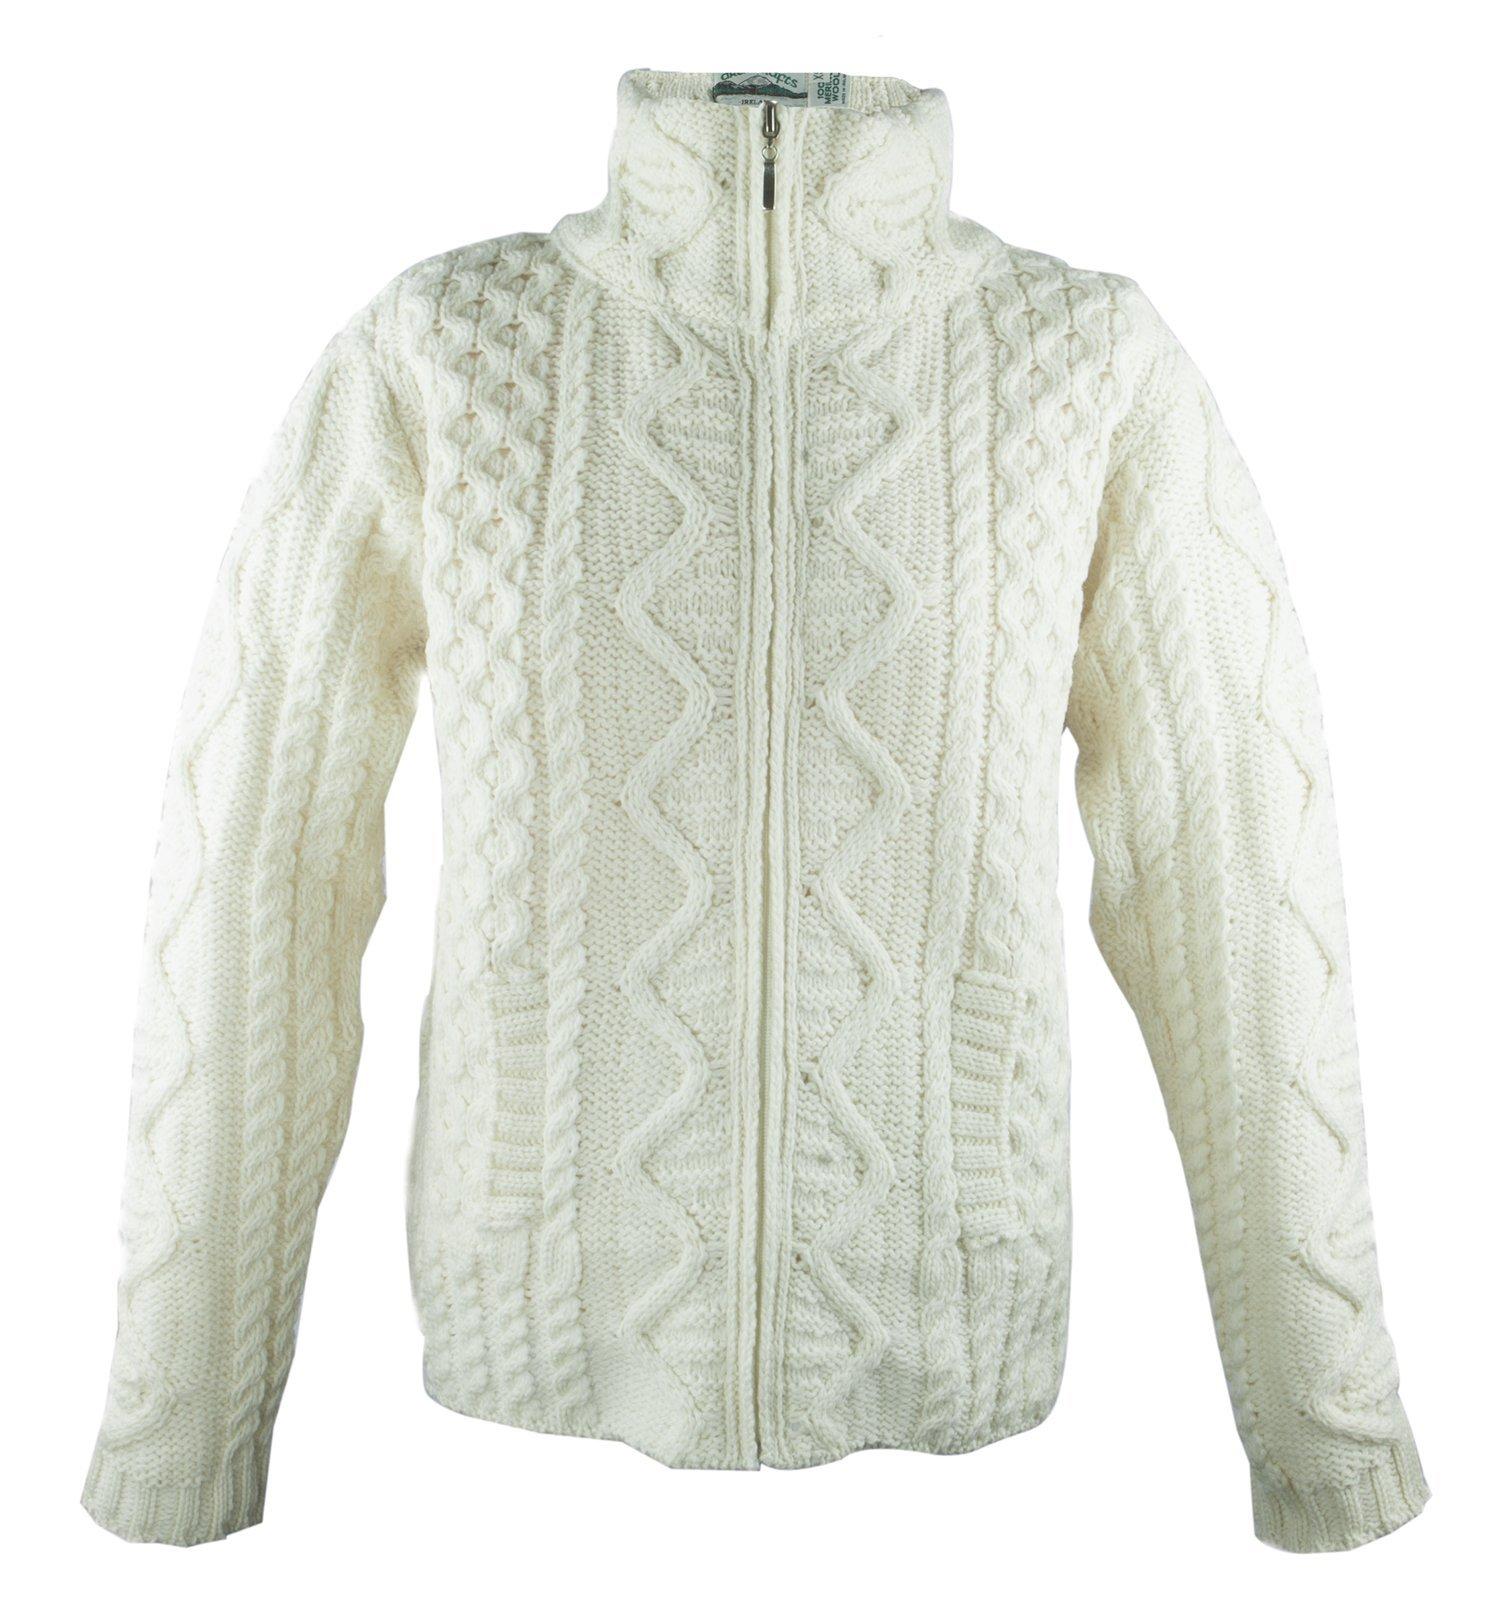 100% Irish Merino Wool Aran Knit Zip Sweater with pockets by West End Knitwear, Ecru, Small